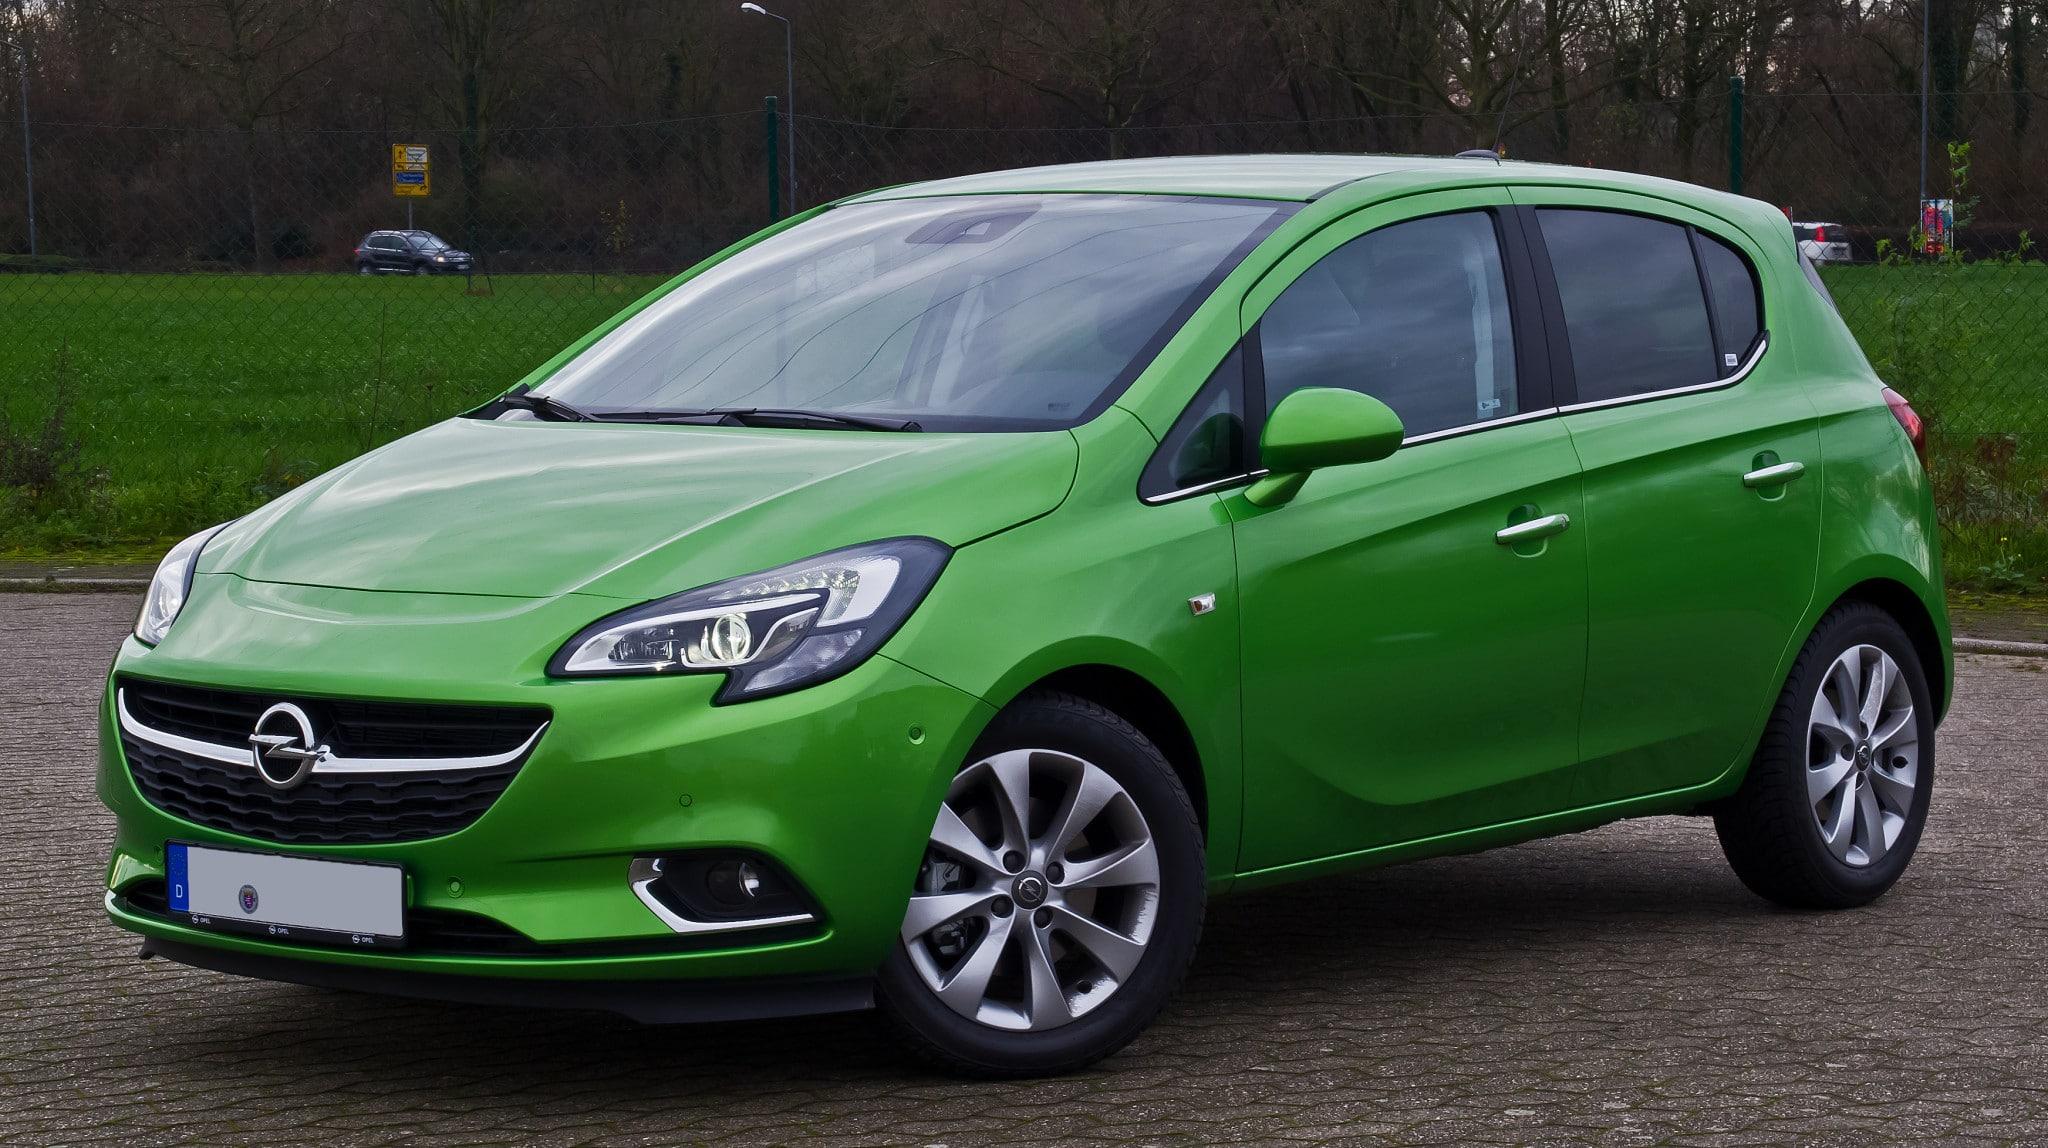 Opel_Corsa_1.3_CDTI_ecoFLEX_Innovation_(E)_–_Frontansicht,_24._Dezember_2015,_Ratingen